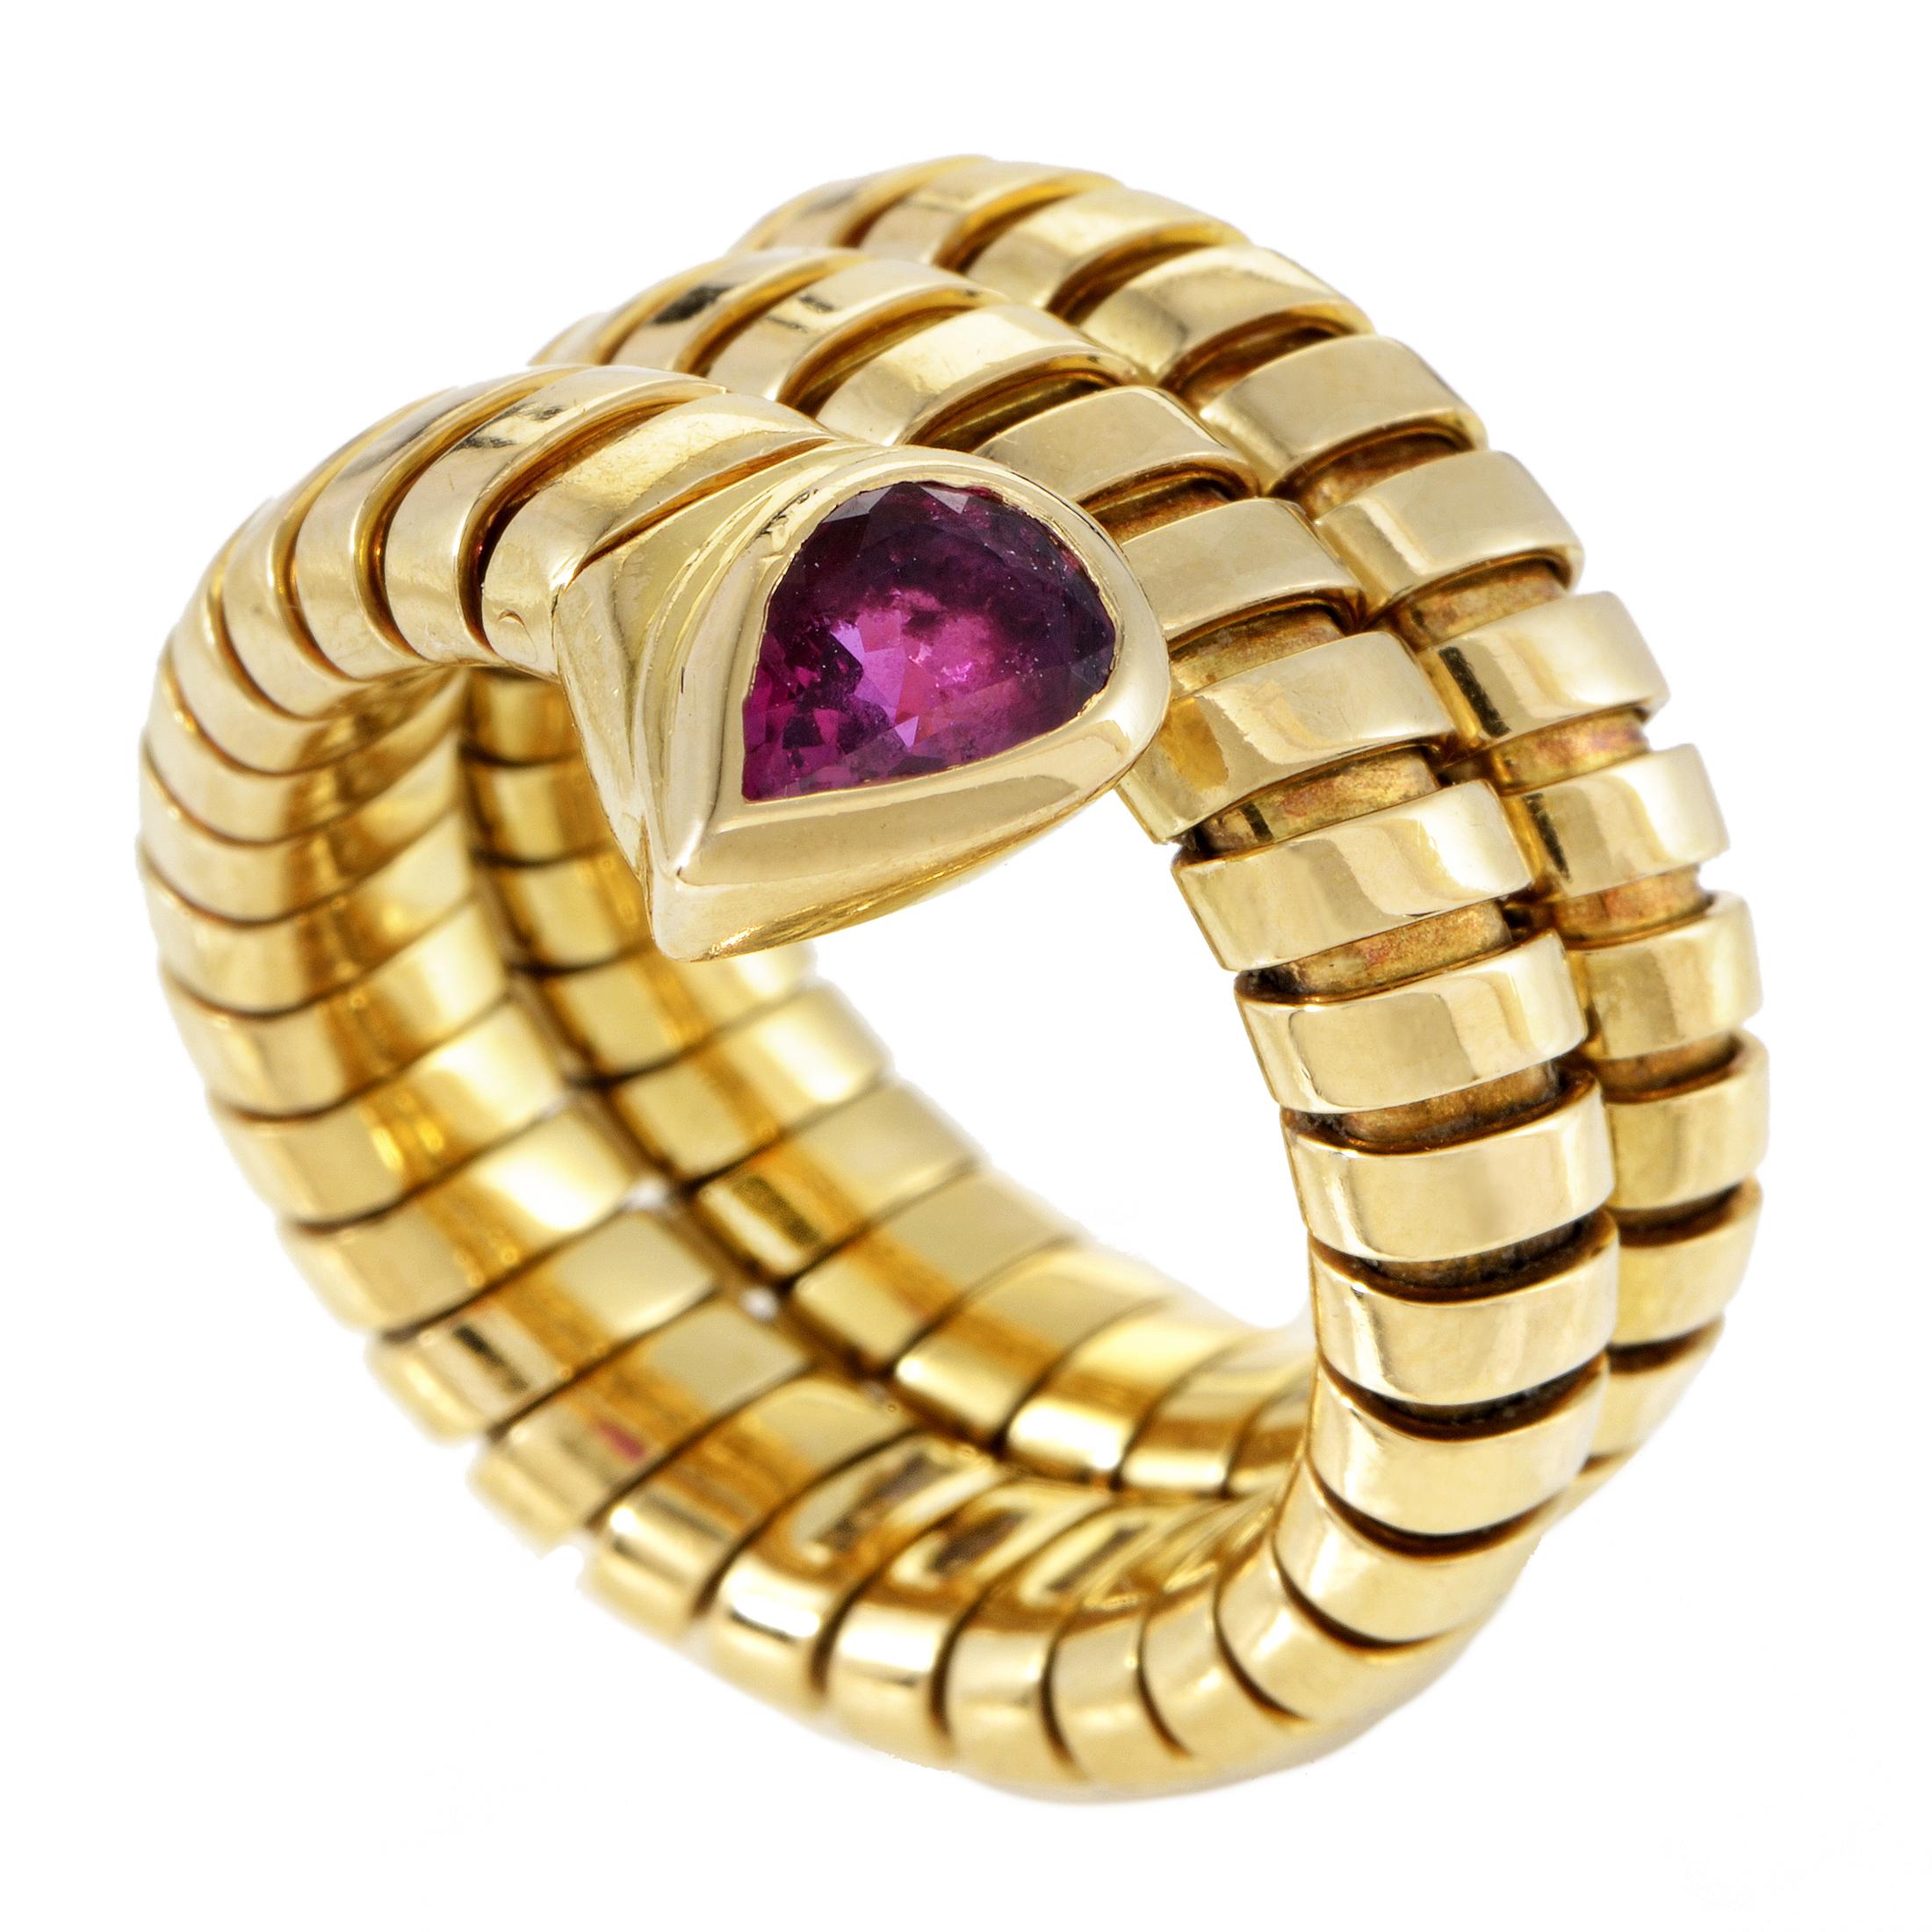 Bvlgari Tubogas Women's 18K Yellow Gold Ruby Snake Ring